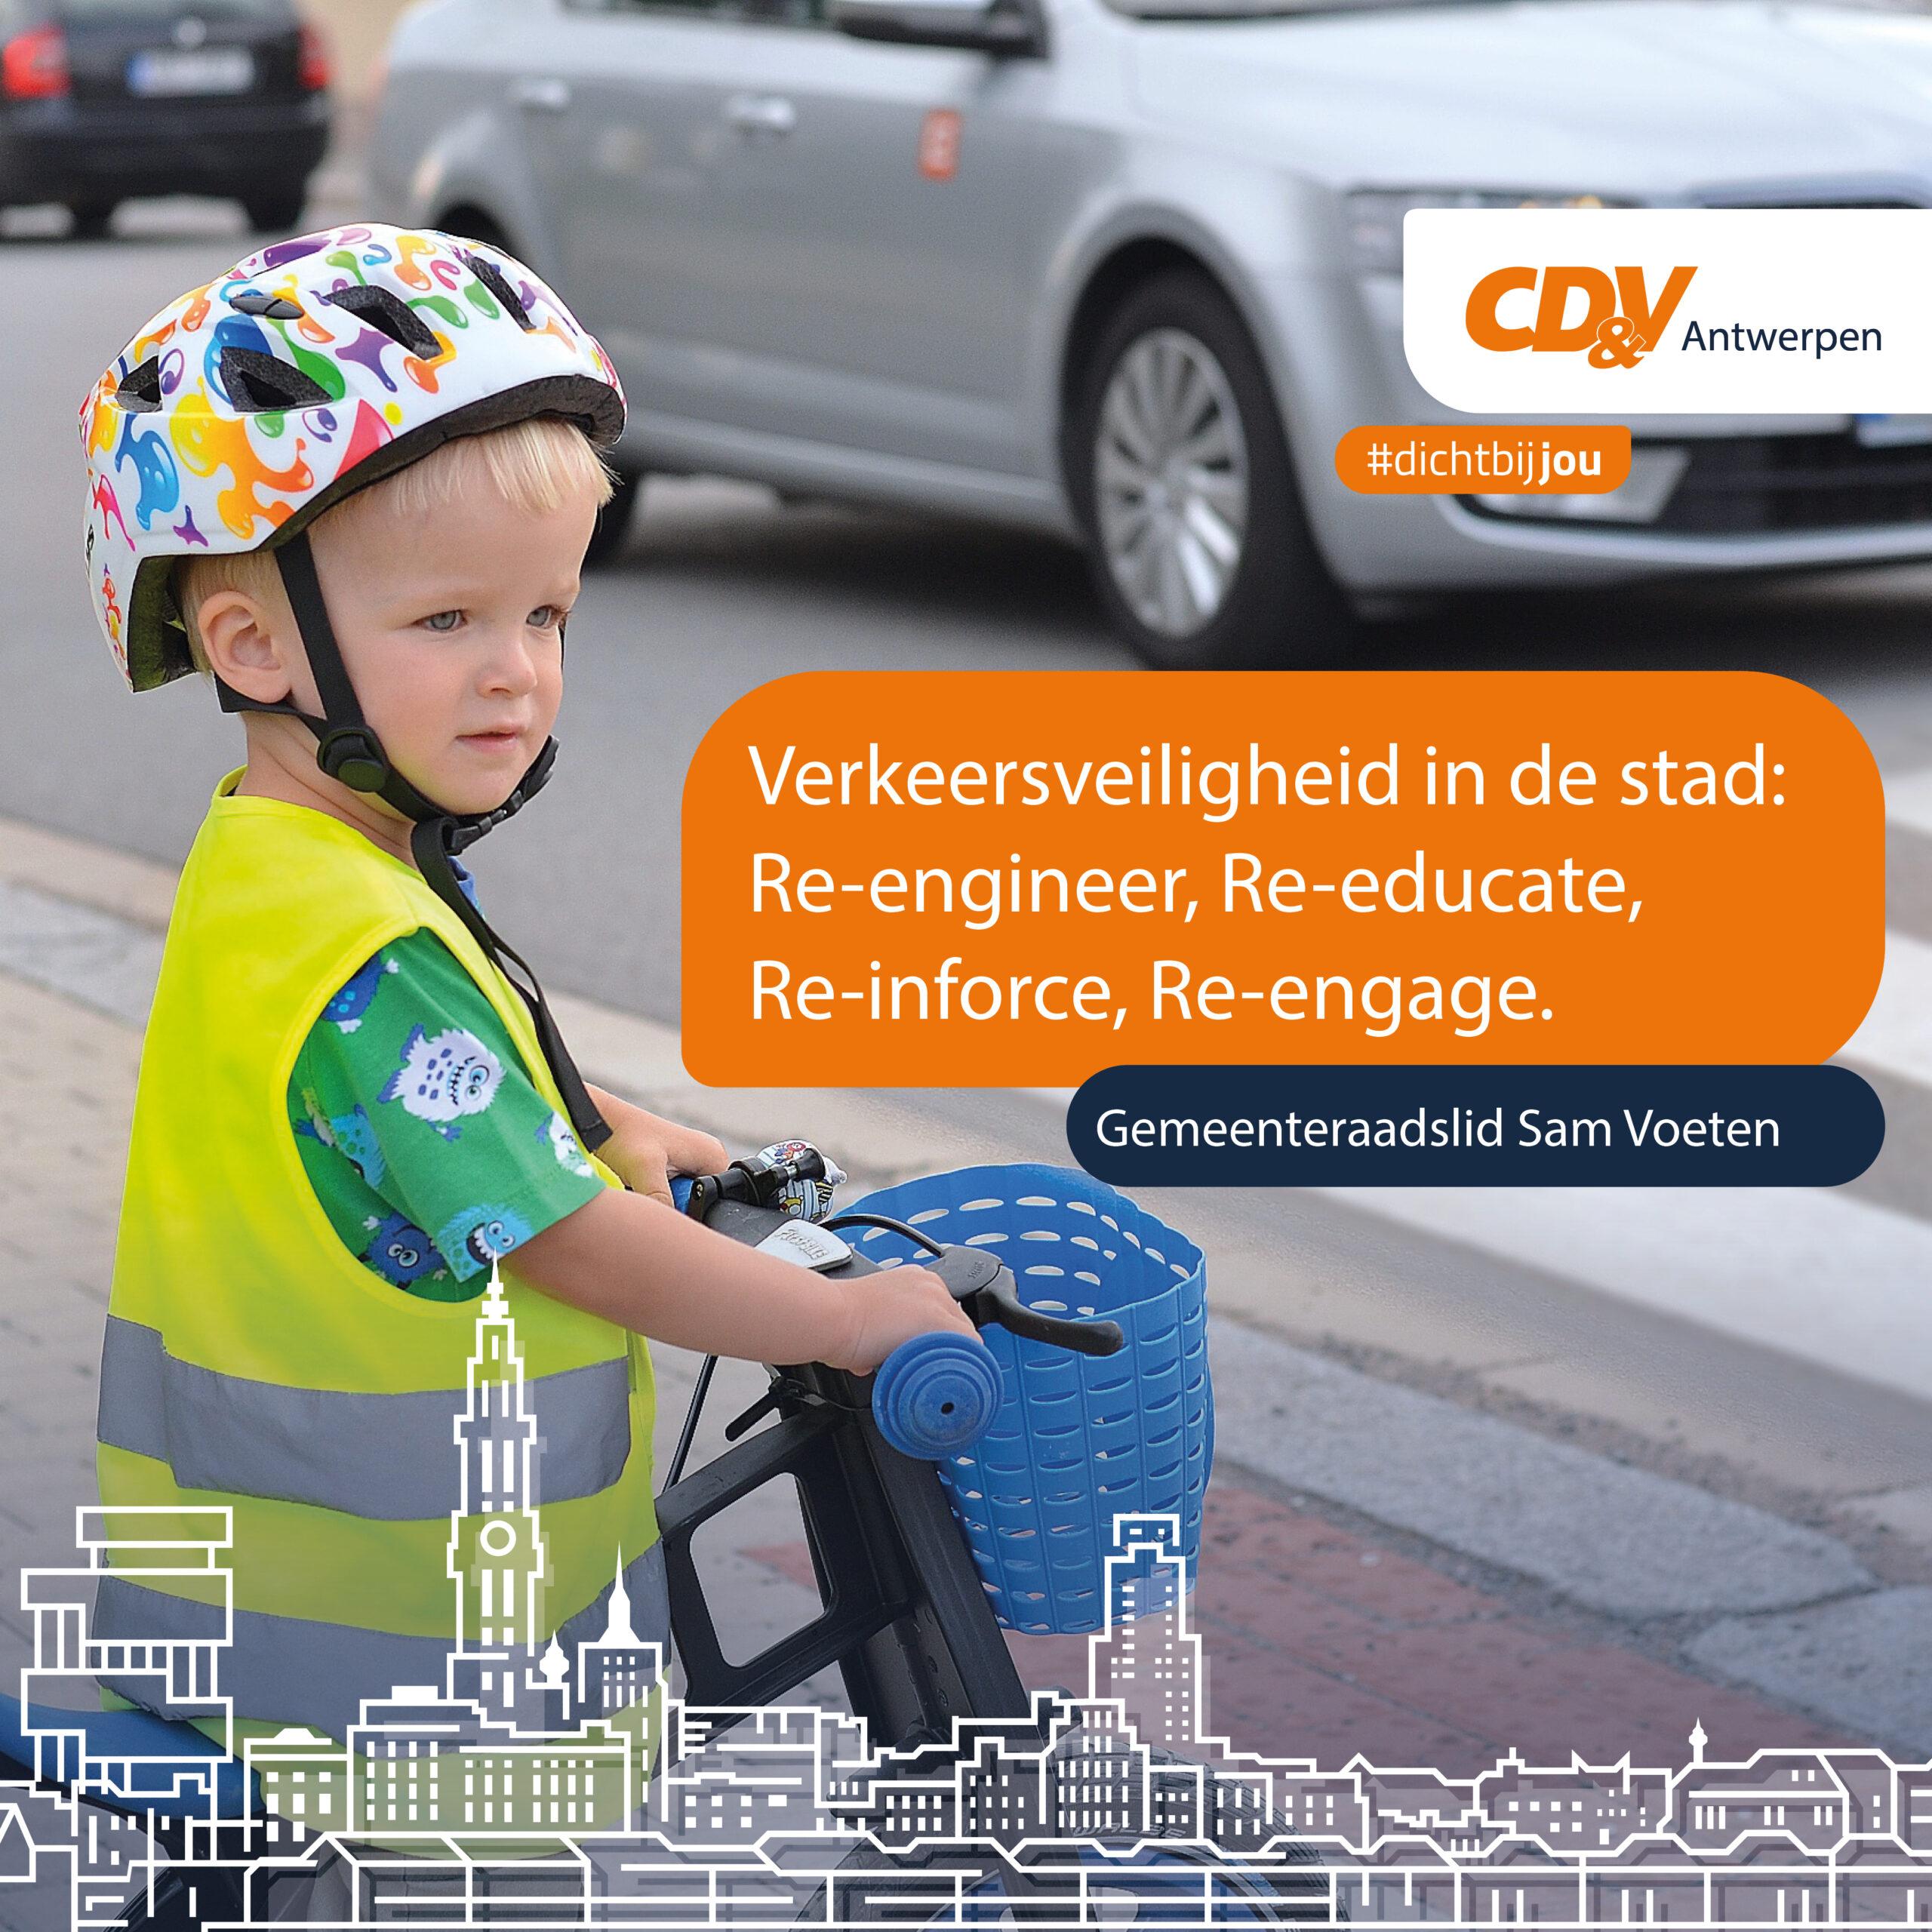 Verkeersveiligheid in de stad: Re-engineer, Re-educate, Re-inforce, Re-engage.